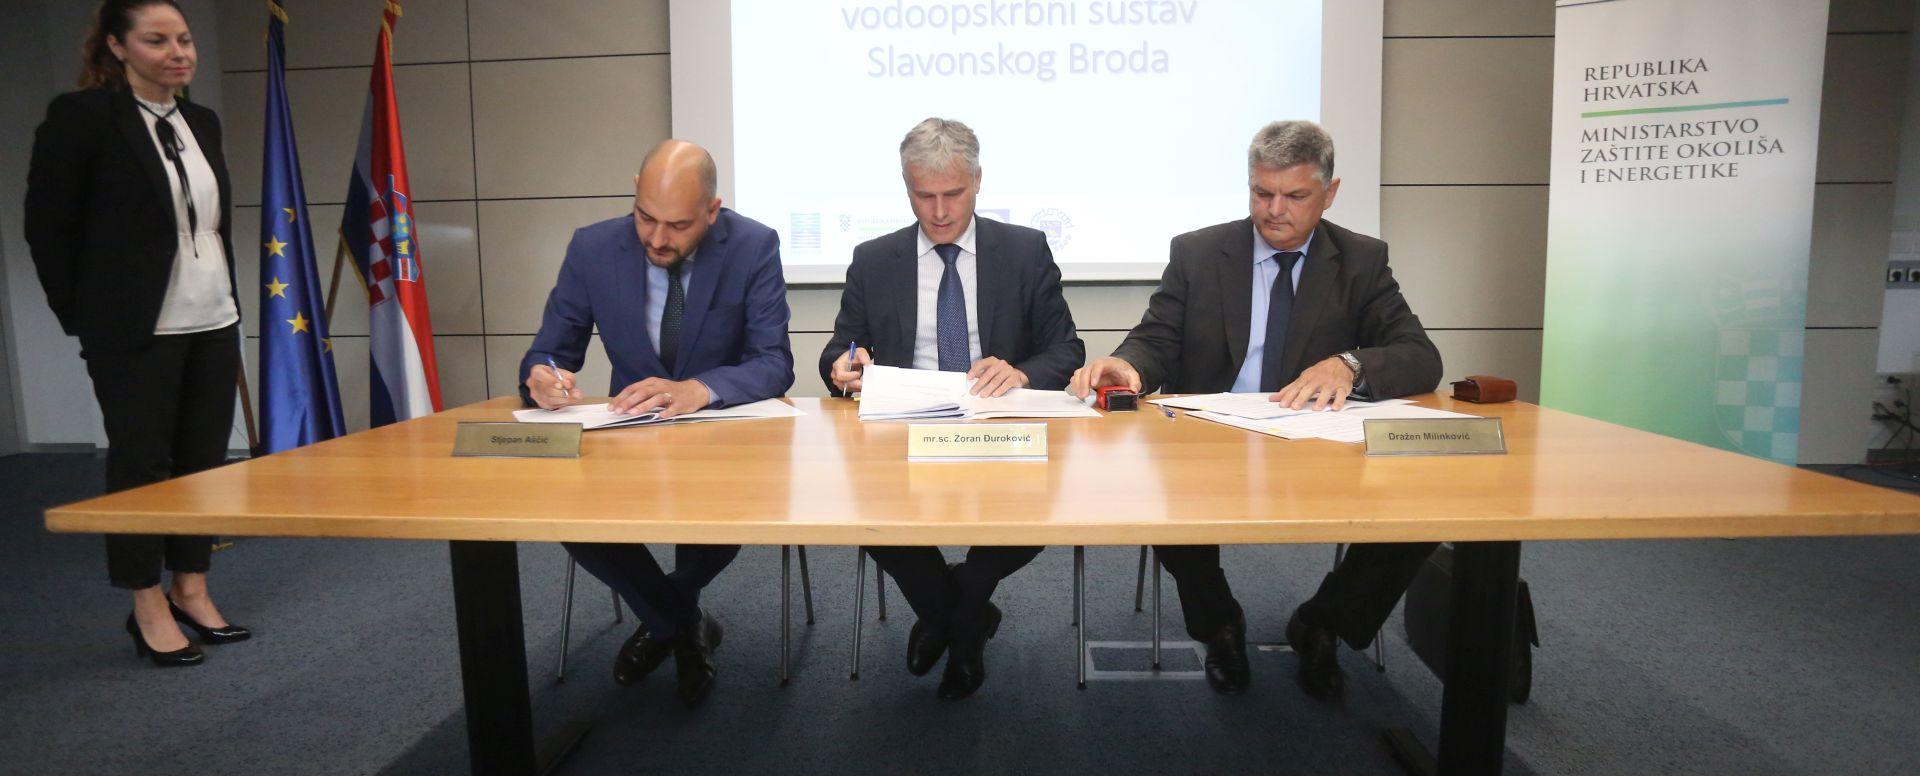 Potpisan sporazum o razvoju vodoopskrbnog sustava